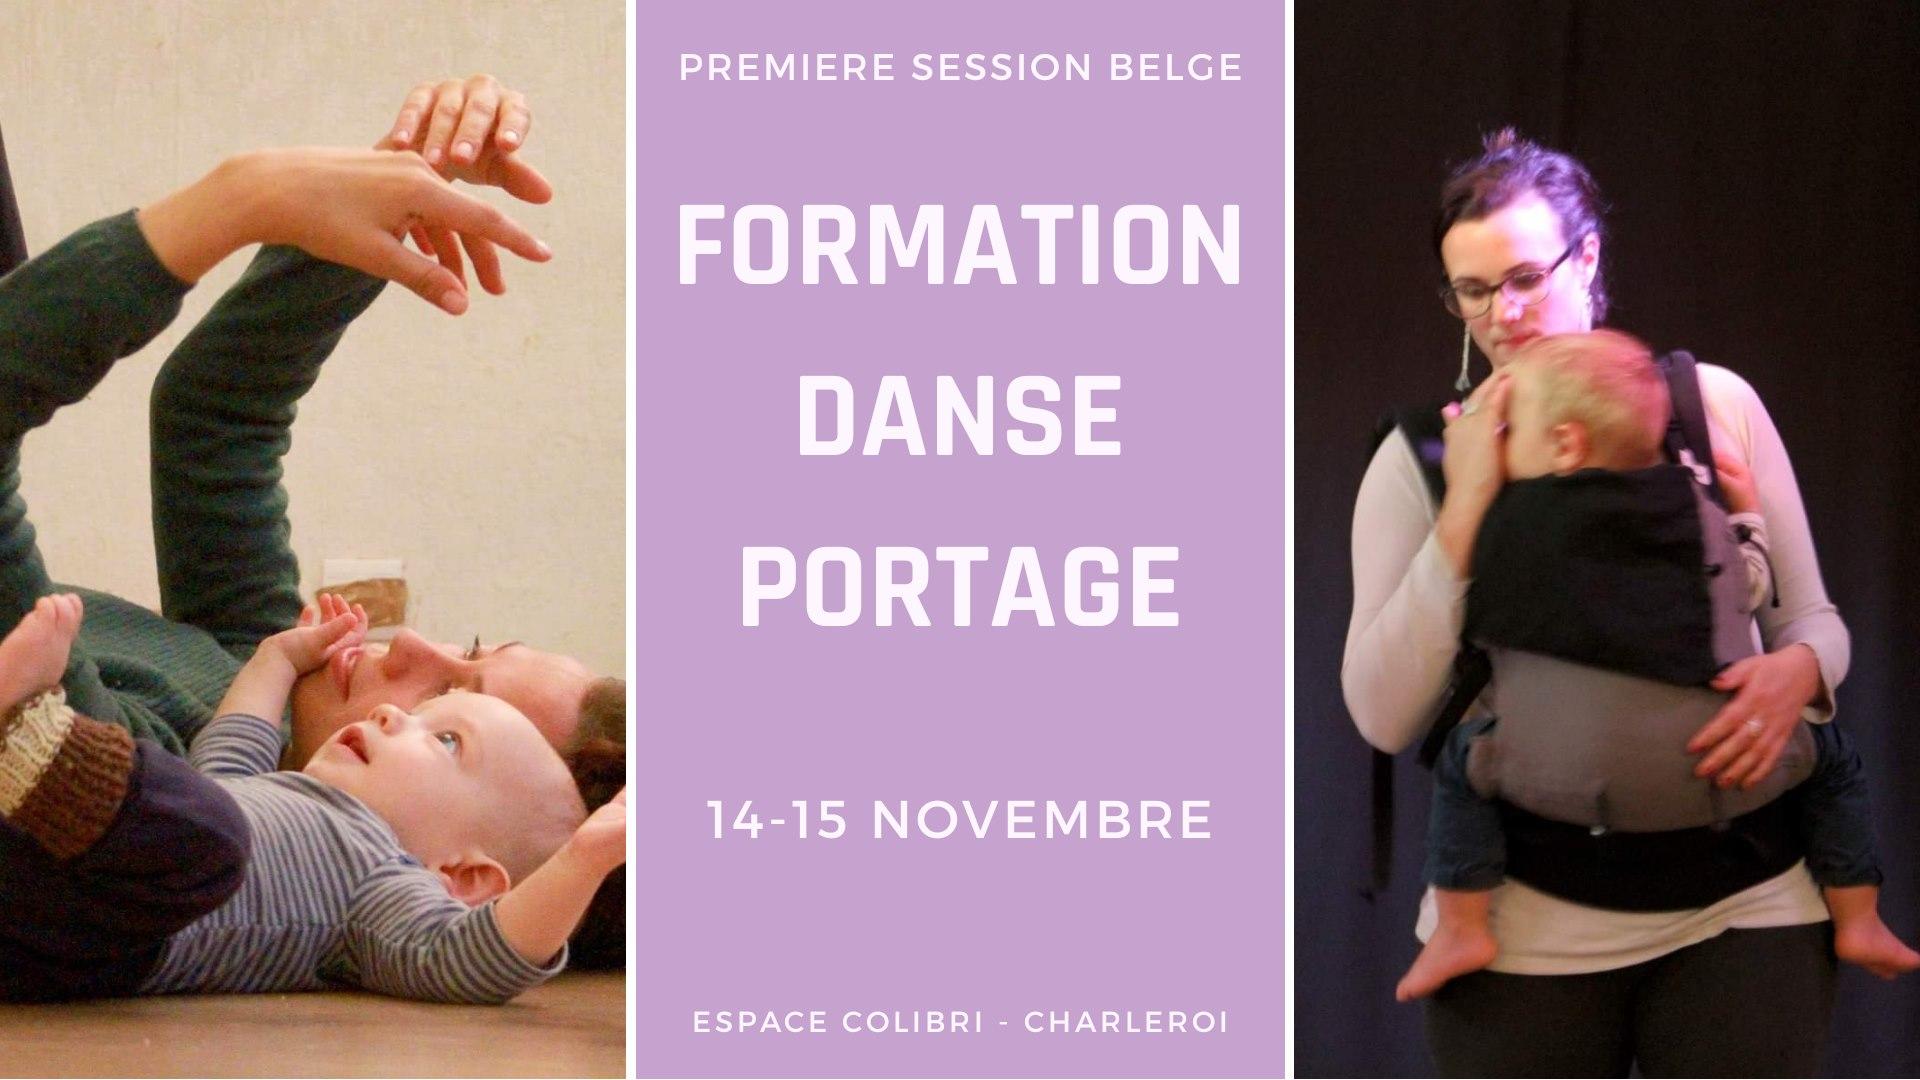 Formation danse portage -  module 1 Belgique